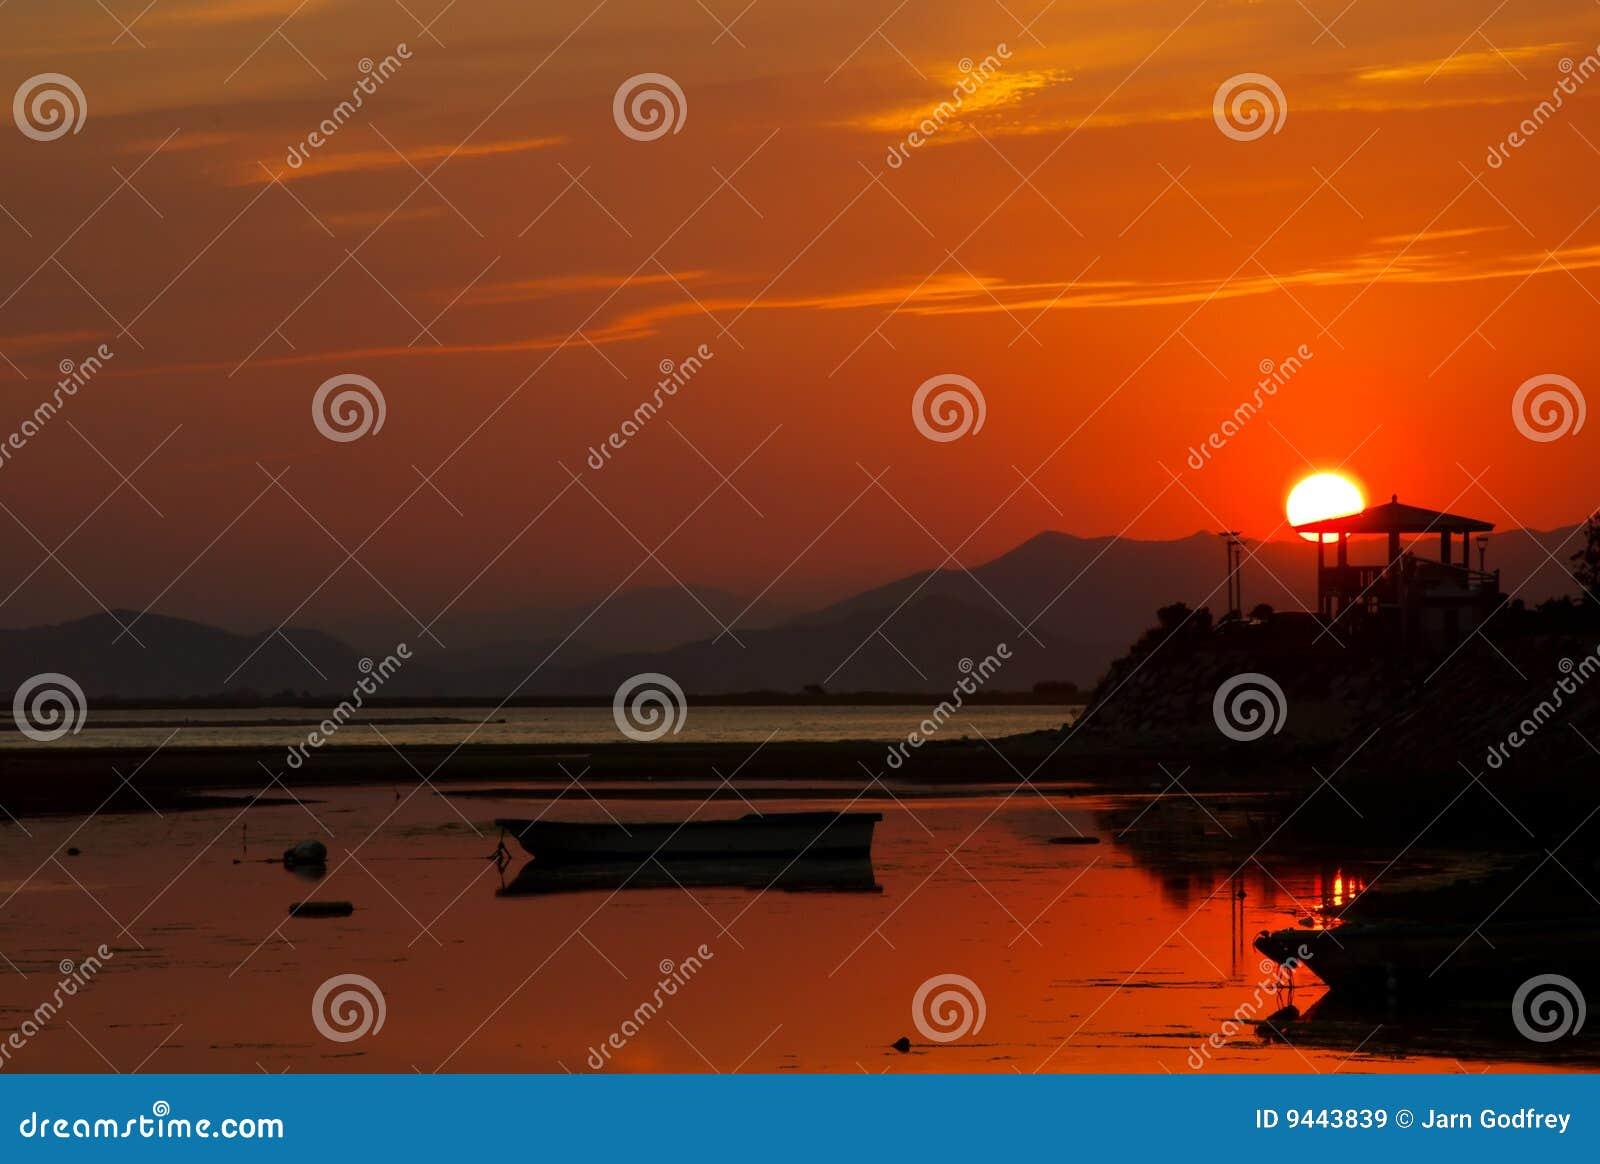 Exotic Sunset